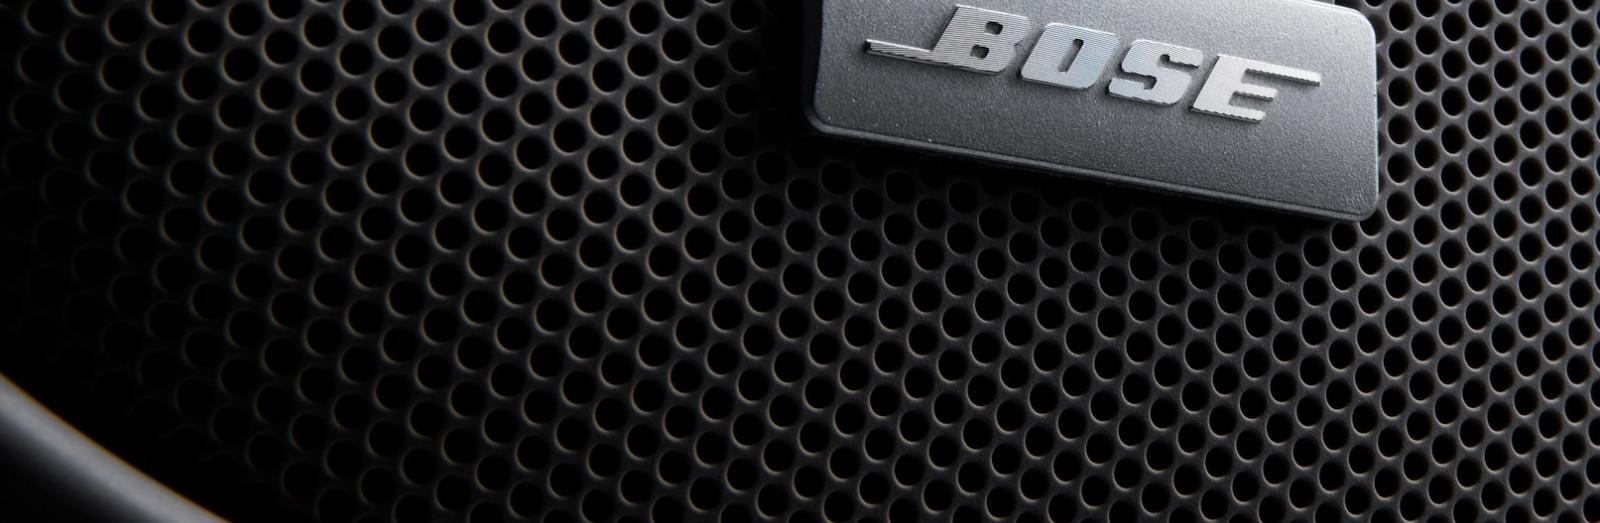 Premium Audio in the GMC Acadia